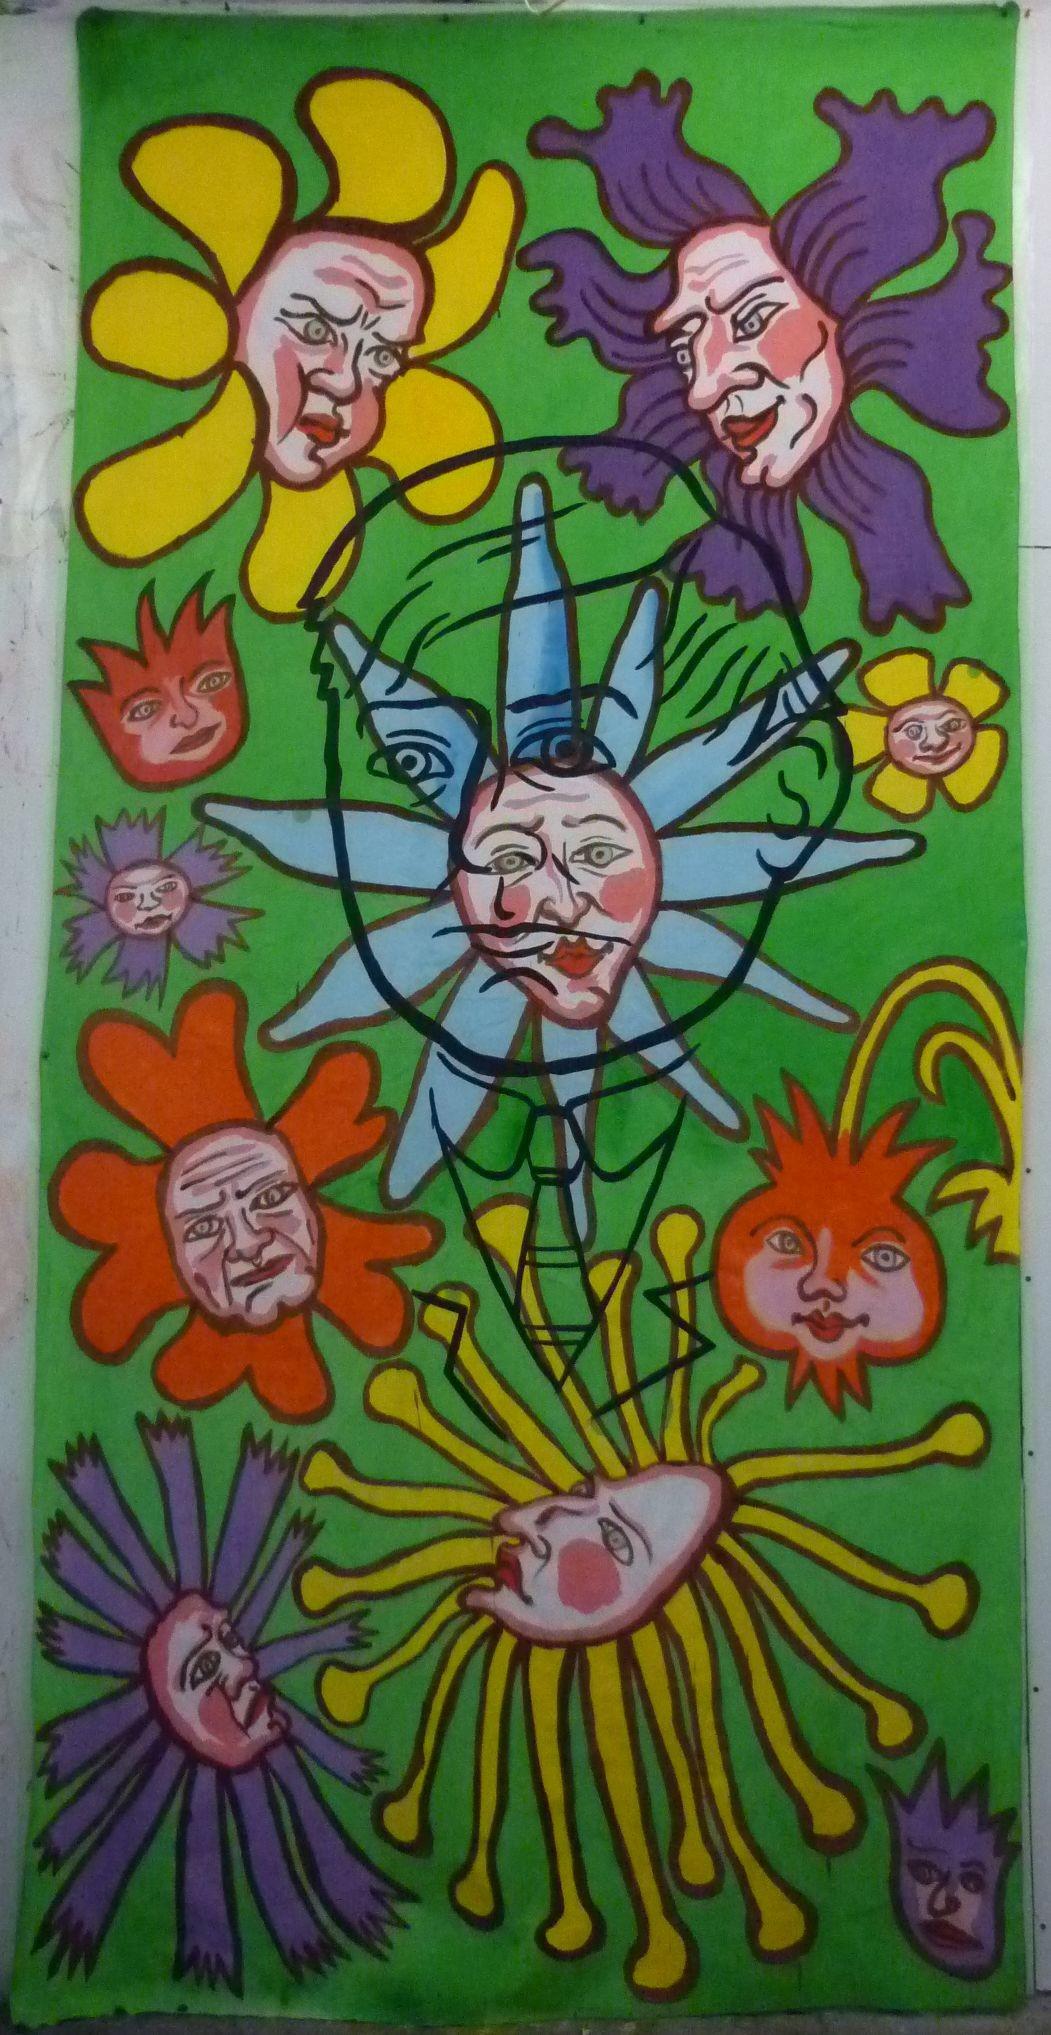 Gueorgui Lititchevski. Du projet « L'intelligence des fleurs ». 2019. Acrylique sur tissu. 3 x 1,5 m.